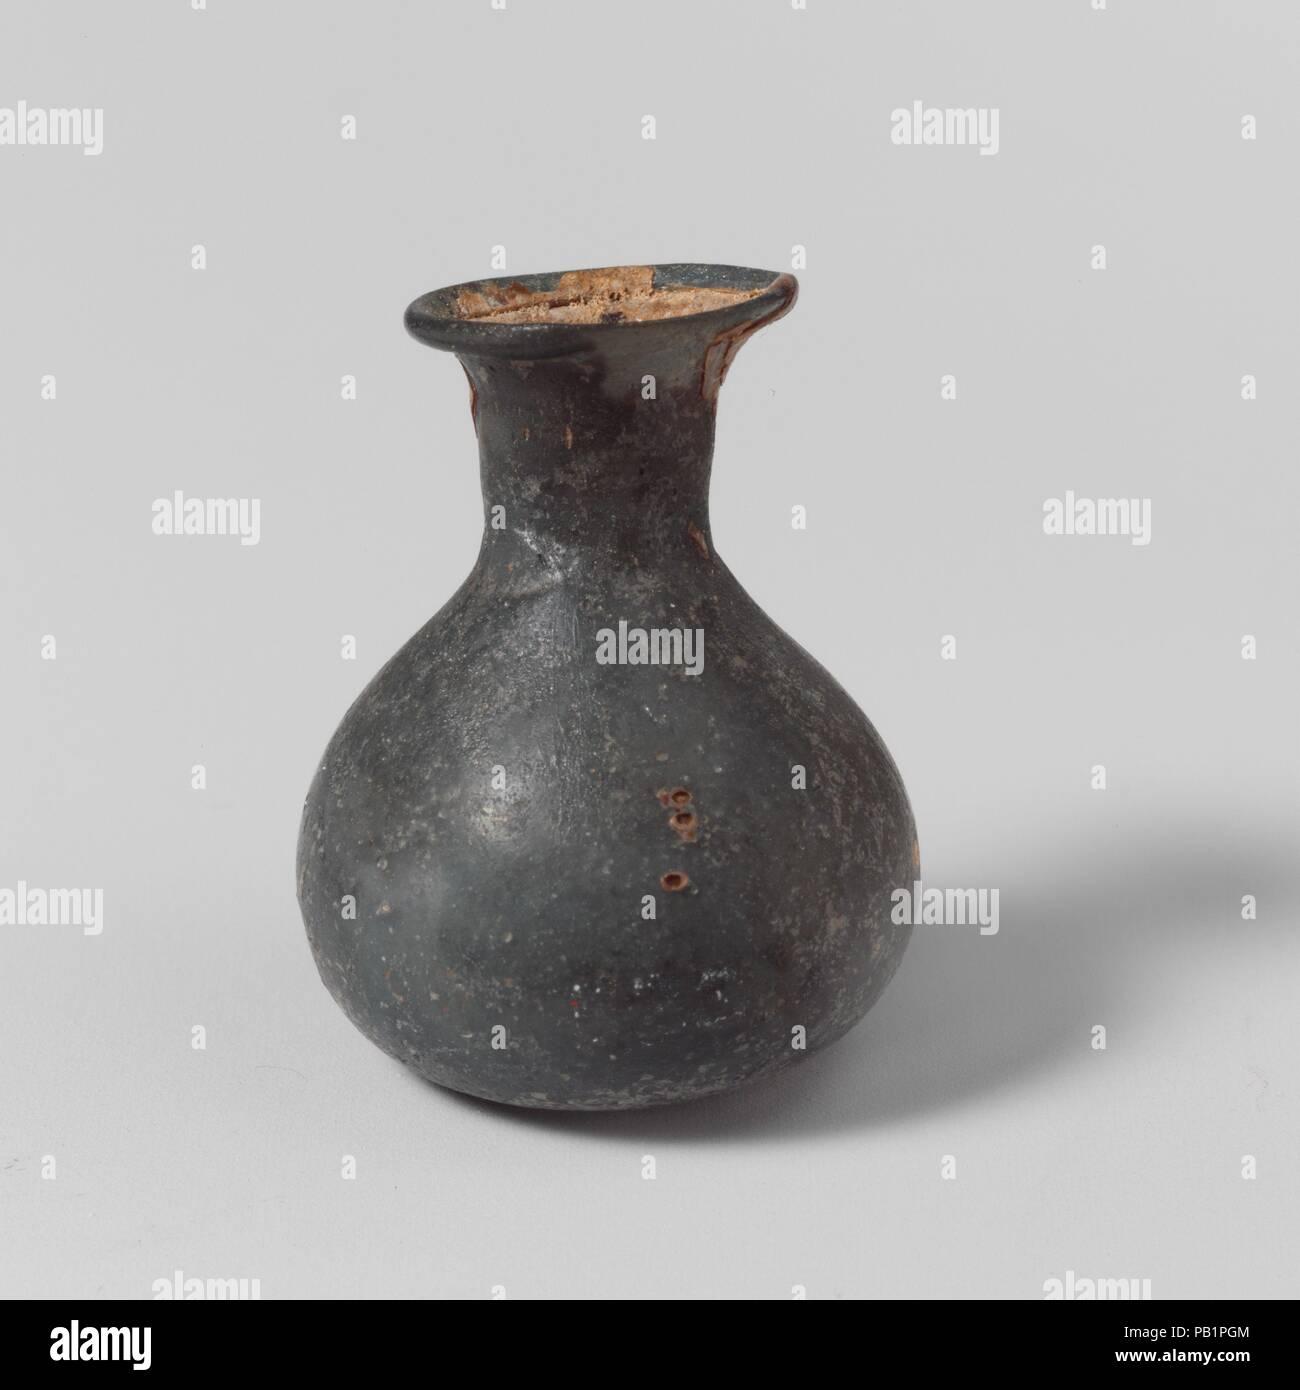 Glas Parfüm Flasche. Kultur: Roman. Abmessungen: 1 1/16 x 13/16 in. (2,7 × 2,1 cm) Durchm. Von rim: 1/2 in. (1,3 cm). Datum: 2.-3.Jh. N.CHR.. Miniatur parfum Flasche durchscheinend bleiches Licht blau. Rim ausgeklappt, über, und in; abfackeln Mund; kurz, trichterförmige Hals bauchigen Körper; der abgeflachte unten. Intakt; pinprick Blasen und blasen Streifen; Mattierung, Lochfraß und Patches irisierender Verwitterung. Museum: Metropolitan Museum of Art, New York, USA. Stockfoto